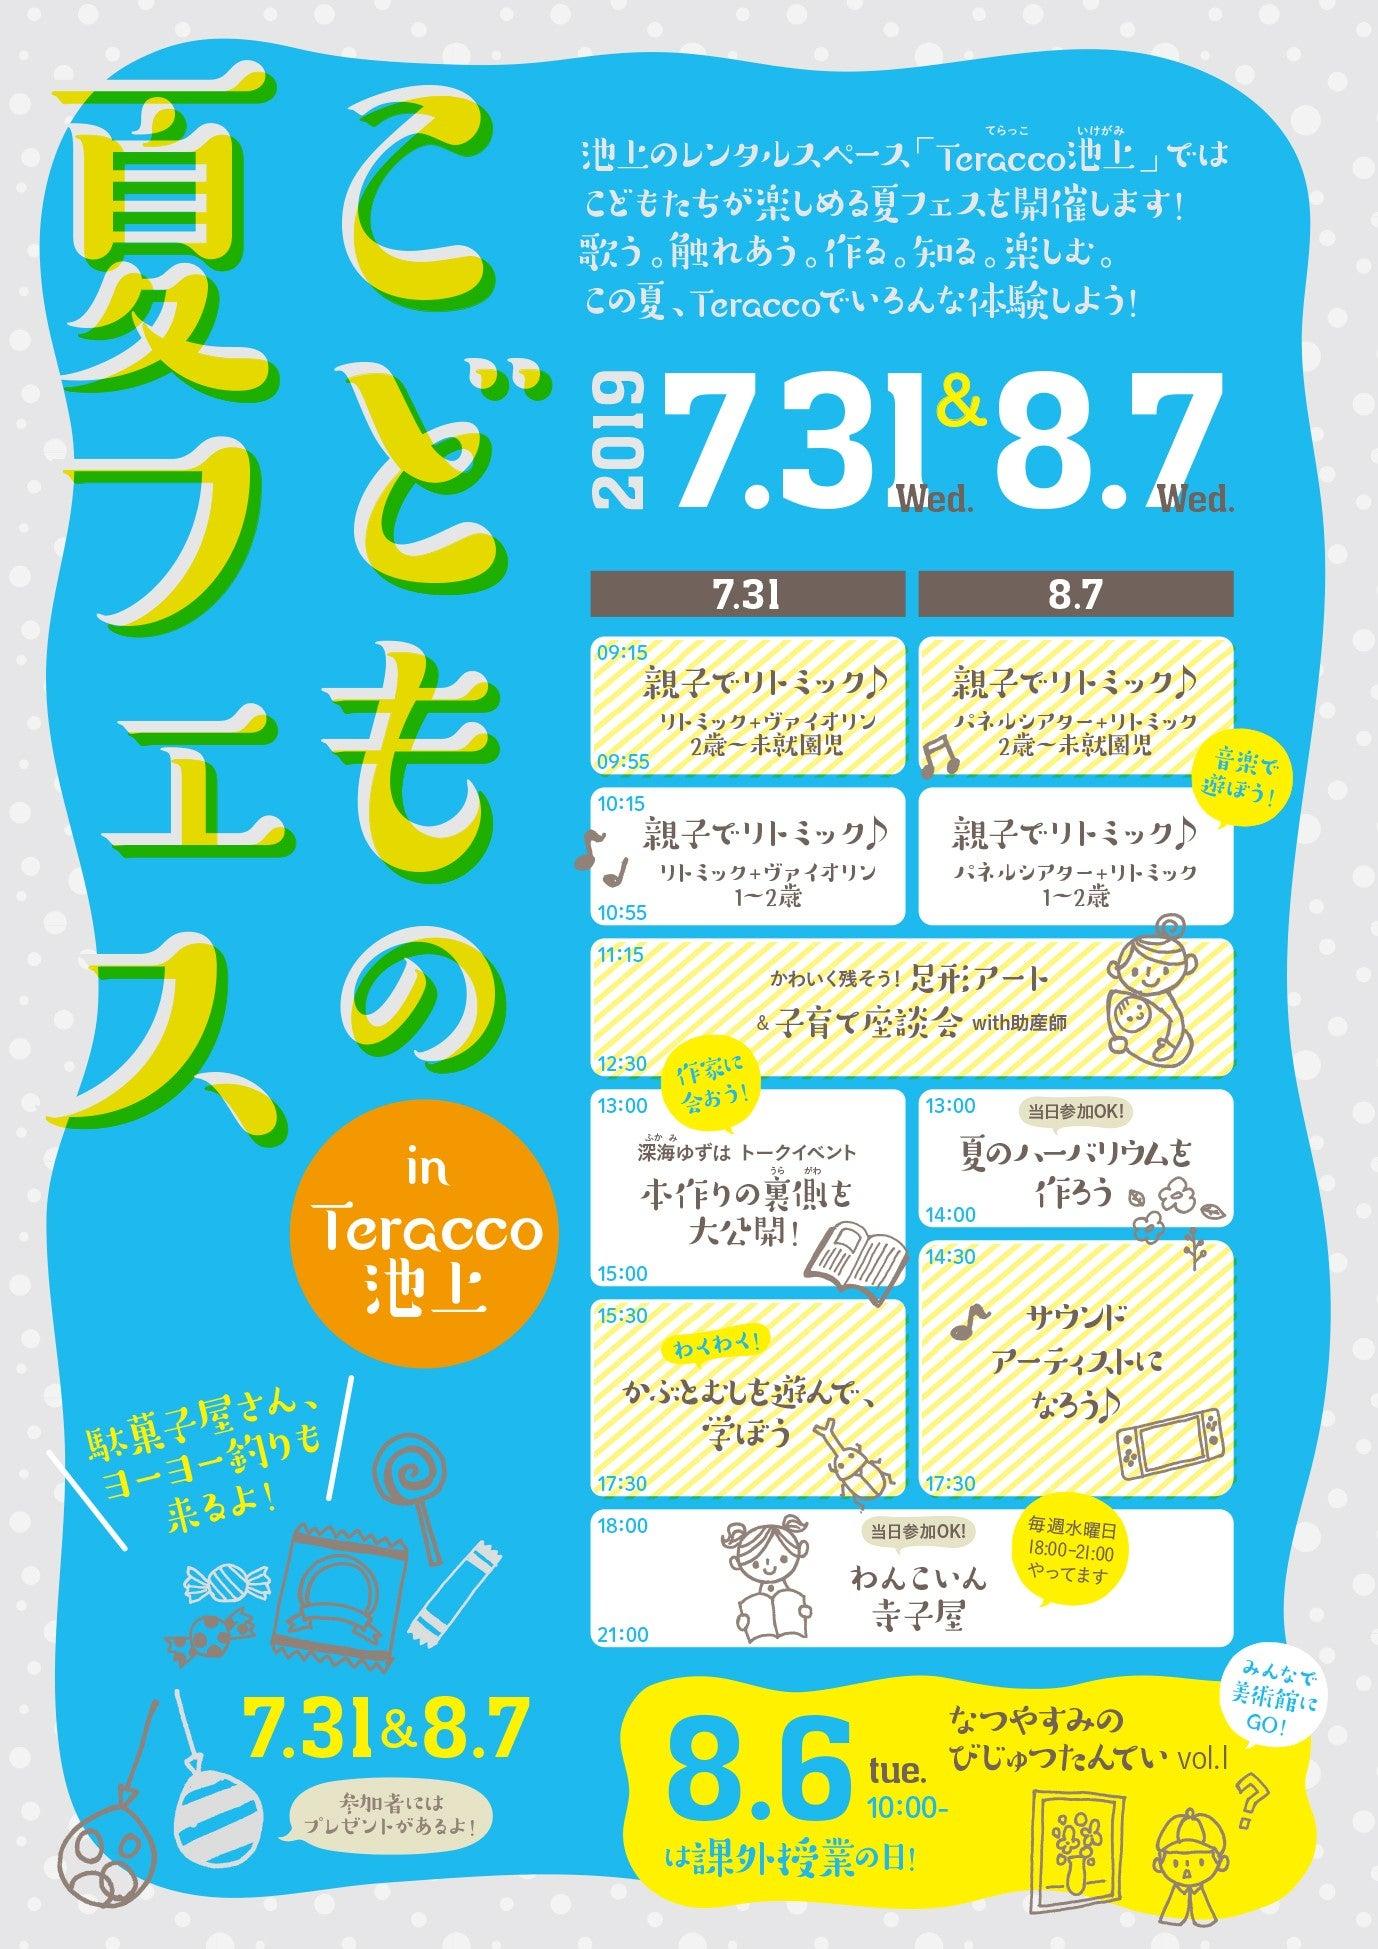 大田区 テラッコ池上 夏フェス リトミック イベント 1歳から3歳